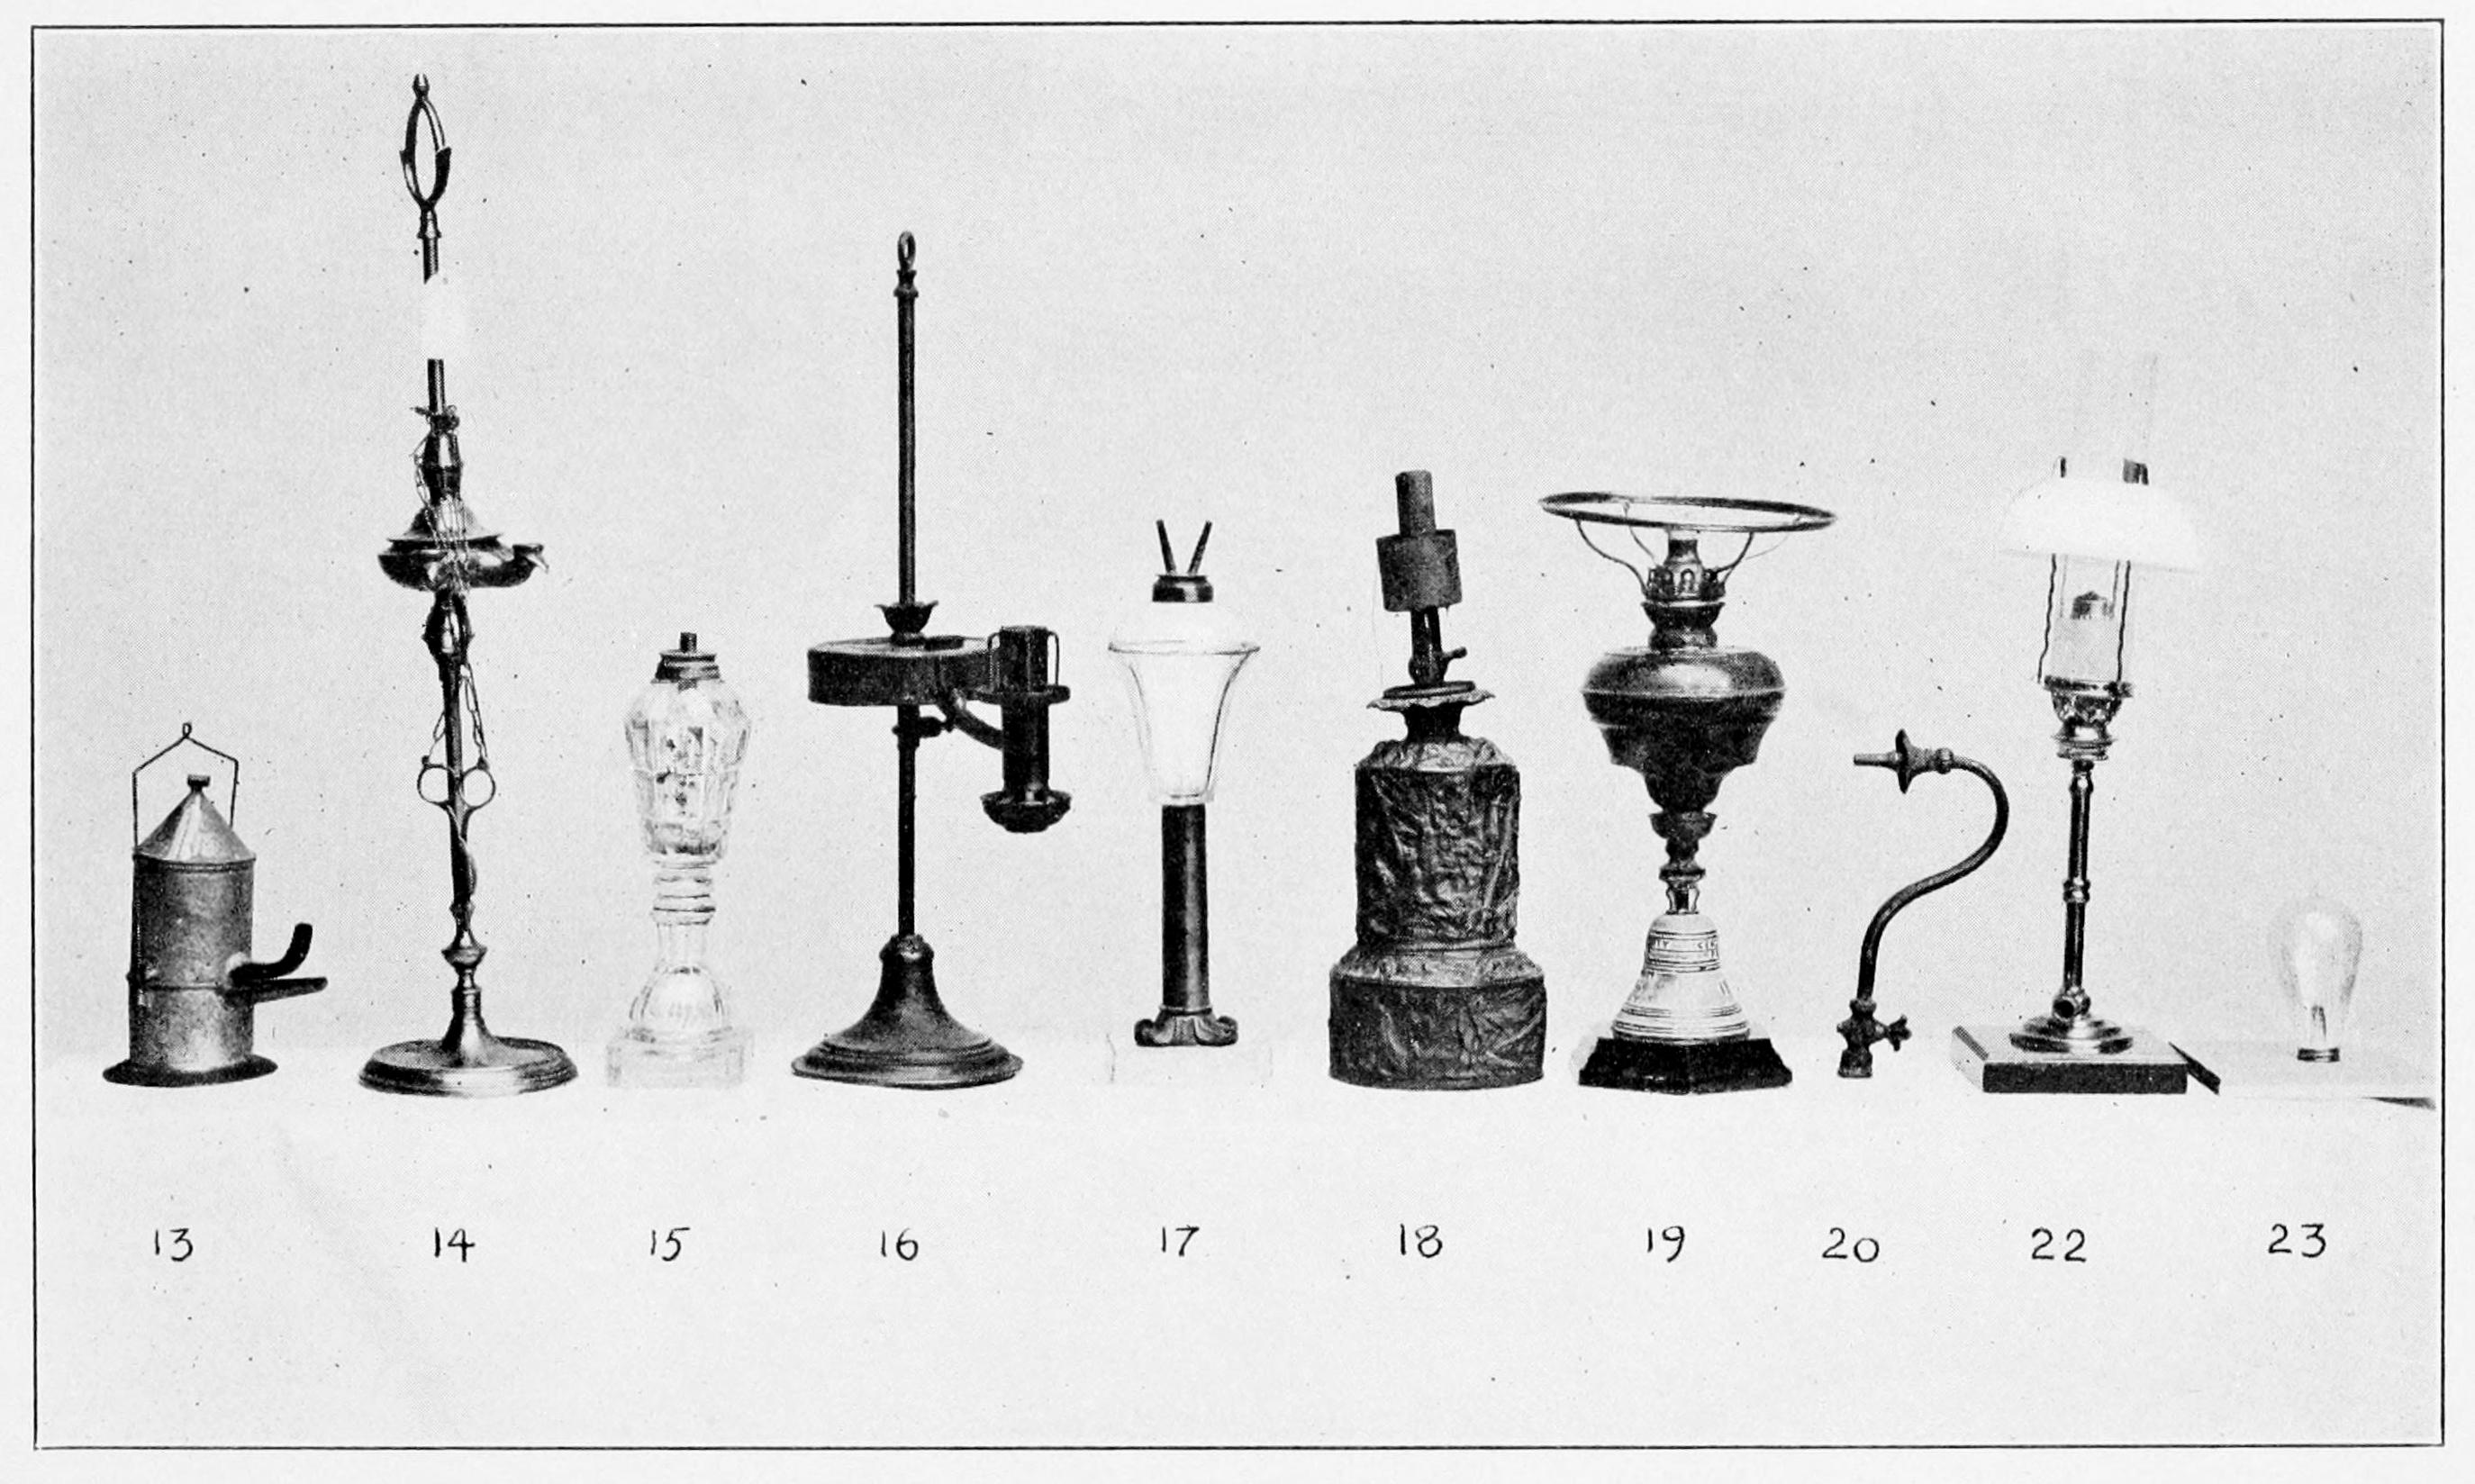 История лампы картинки